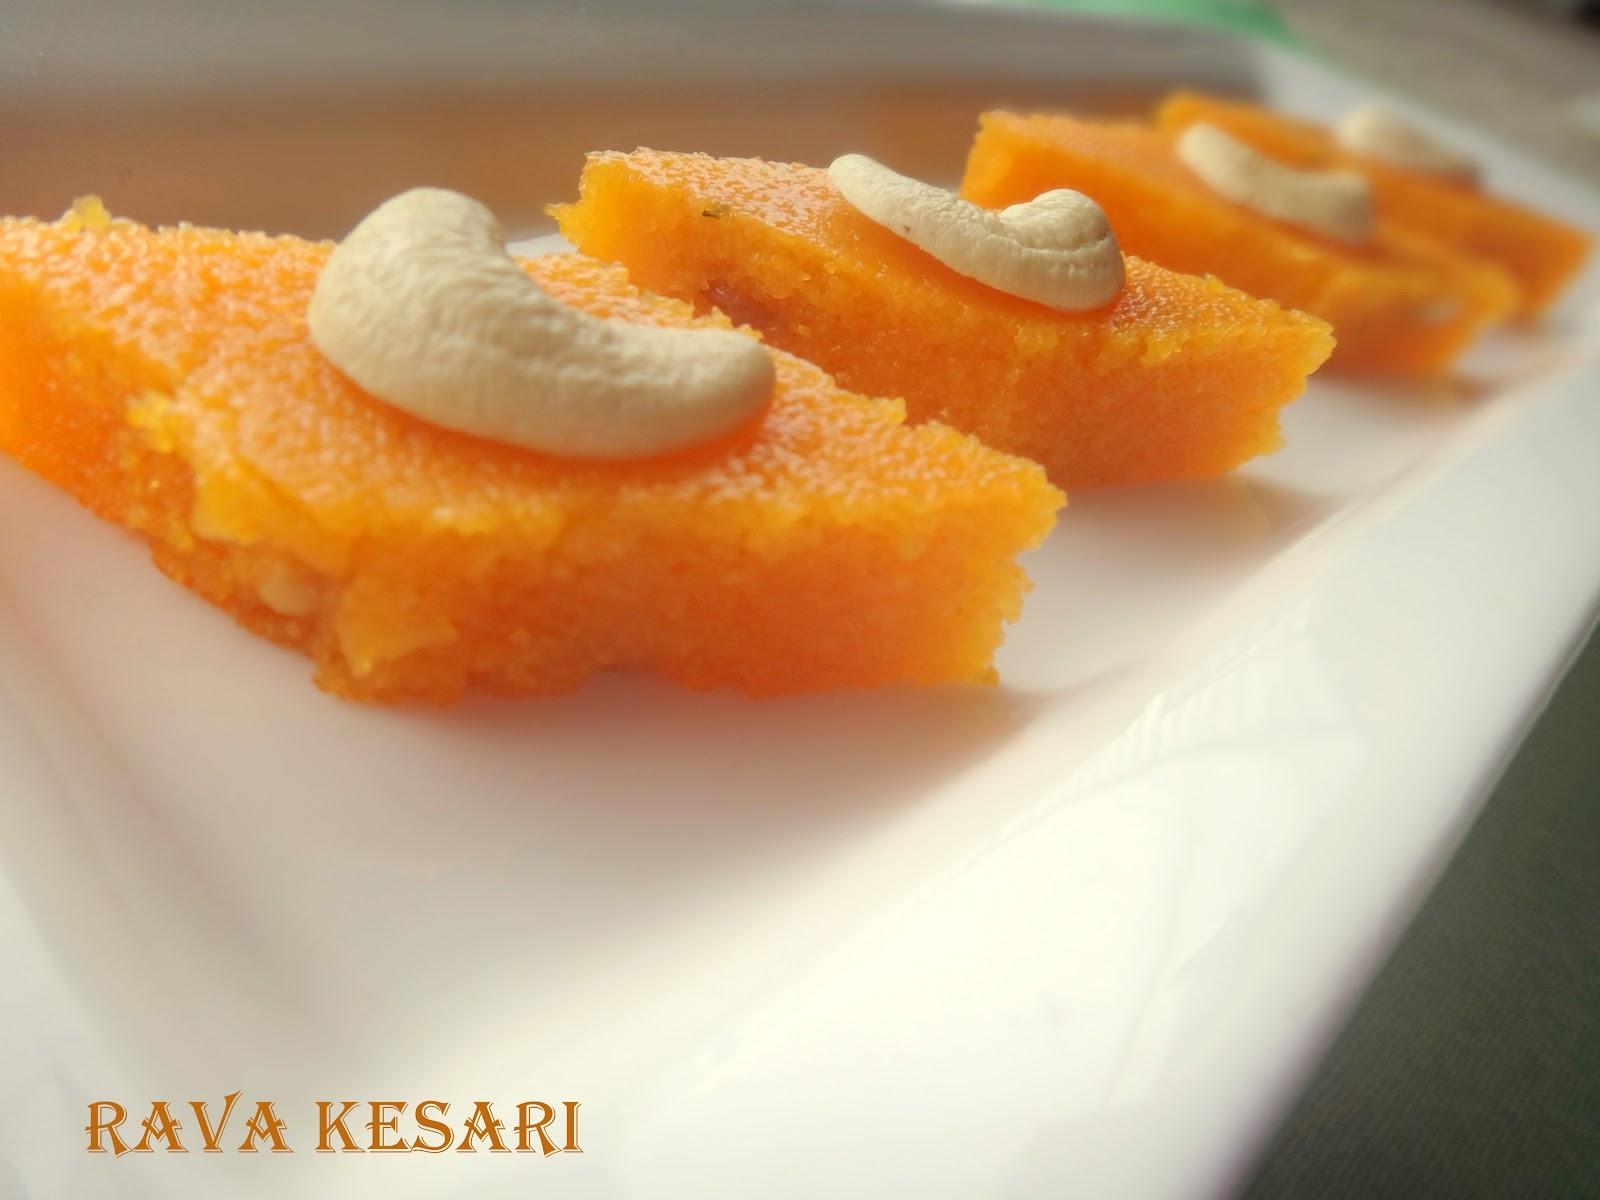 Prabha S Cooking Rava Kesari